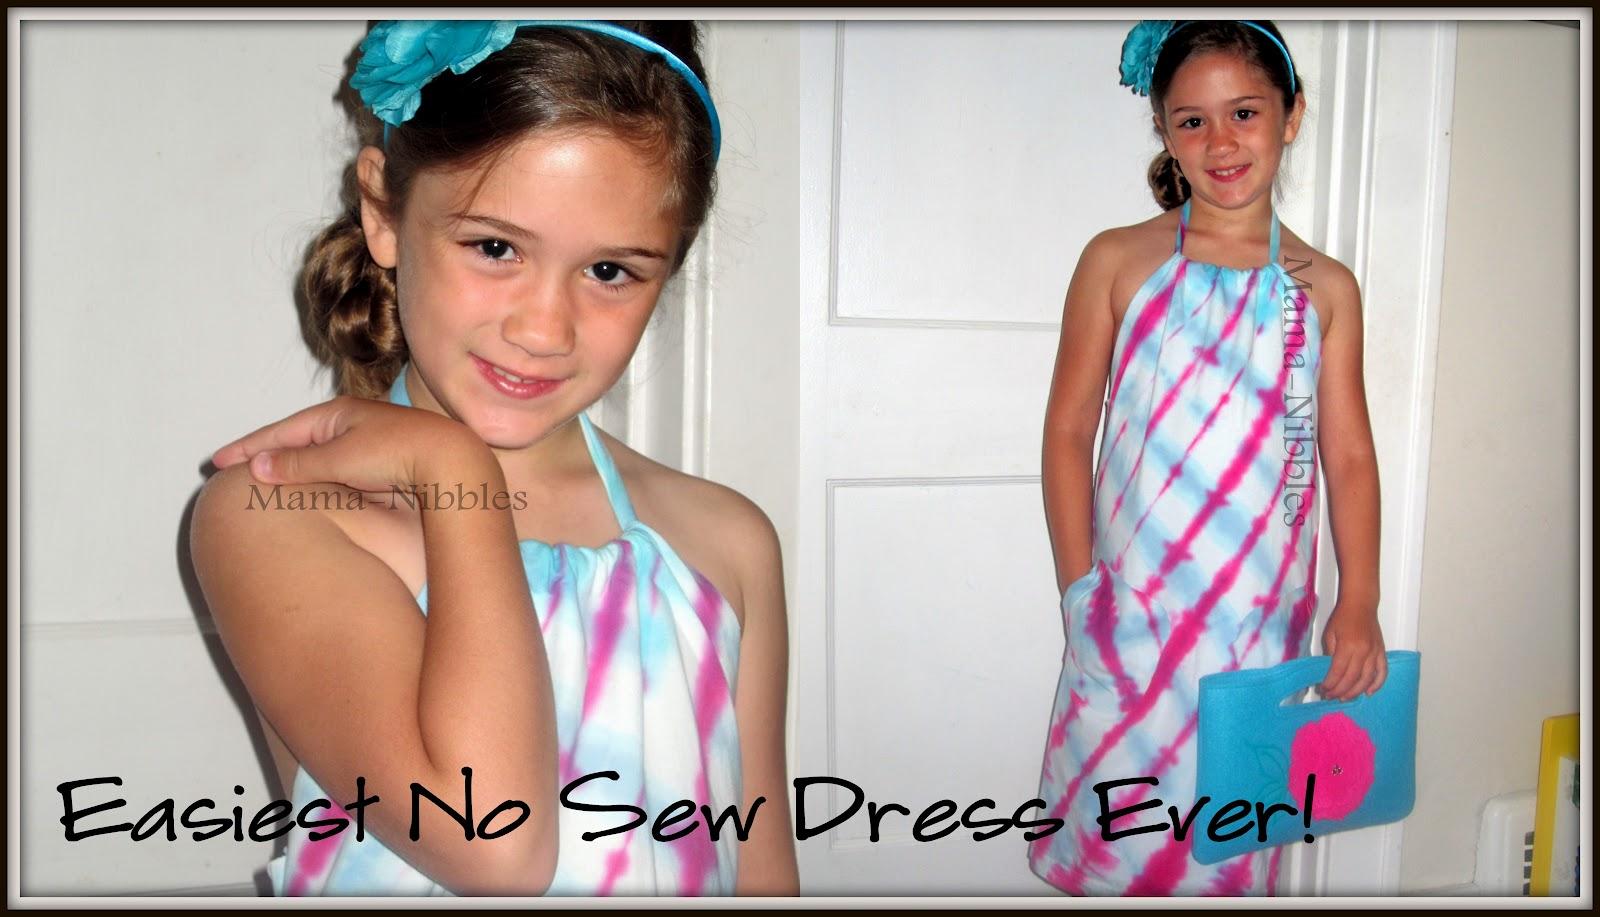 http://4.bp.blogspot.com/-Zje3KwUFcLQ/T9gr3vIJ_qI/AAAAAAAADAo/XYCRcZH4ENE/s1600/tie+dye+7.jpg